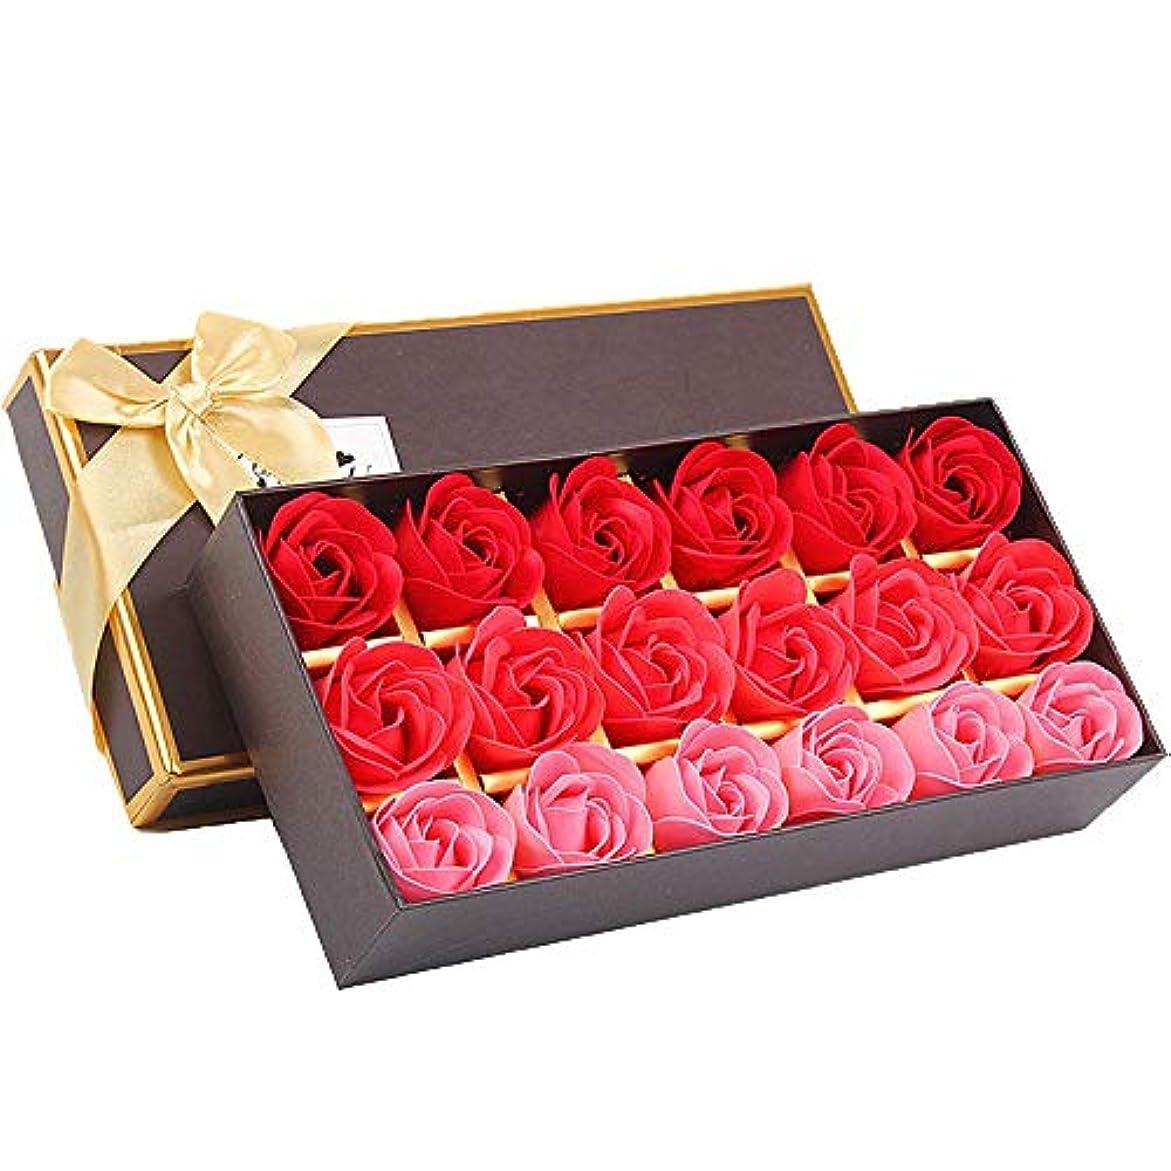 ビジター意図的ミスペンド18個の手作りのローズの香りのバスソープの花びら香りのバスソープは、ギフトボックスの花びらをバラ (色 : 赤)